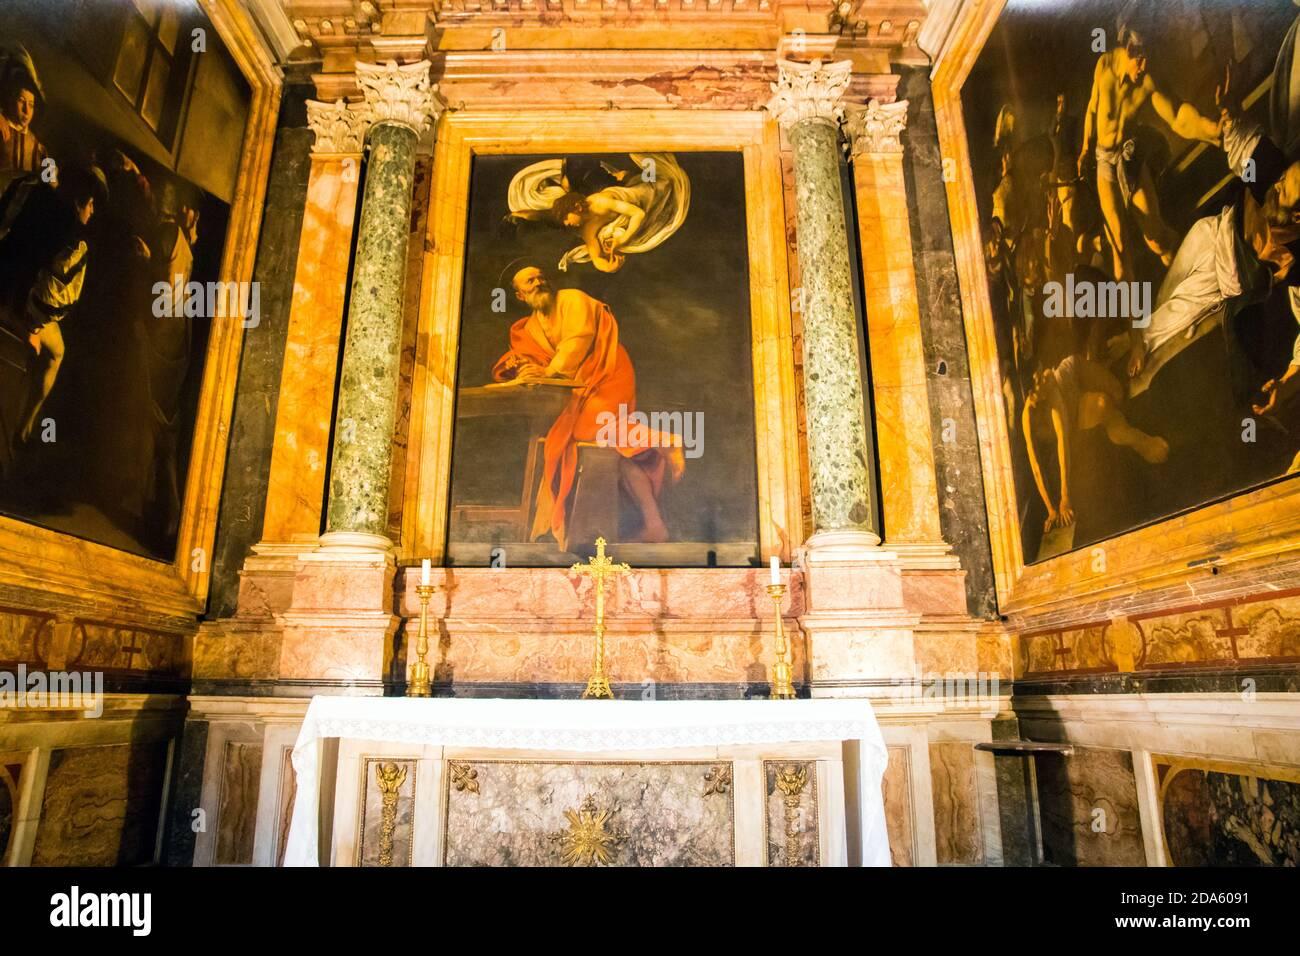 Caravaggio Gemälde die Inspiration des heiligen Matthäus hängen in der Kirche des Heiligen Ludwig der Franzosen in Rom Italien Stockfoto